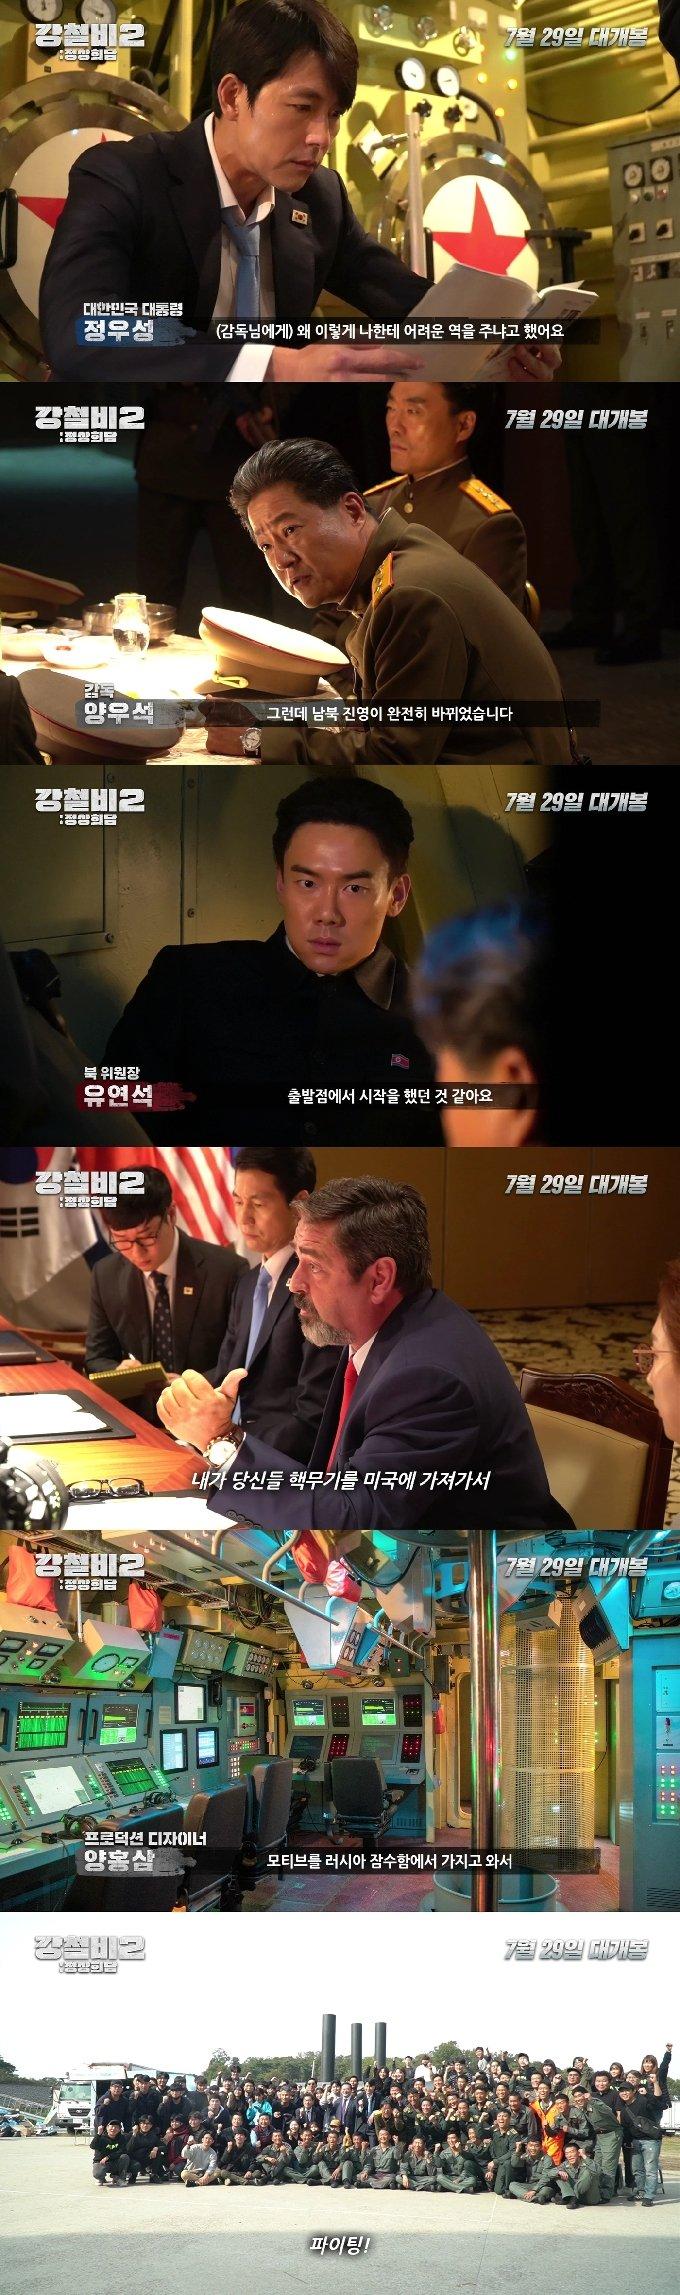 '강철비2: 정상회담' 제작기 영상 캡처 © 뉴스1